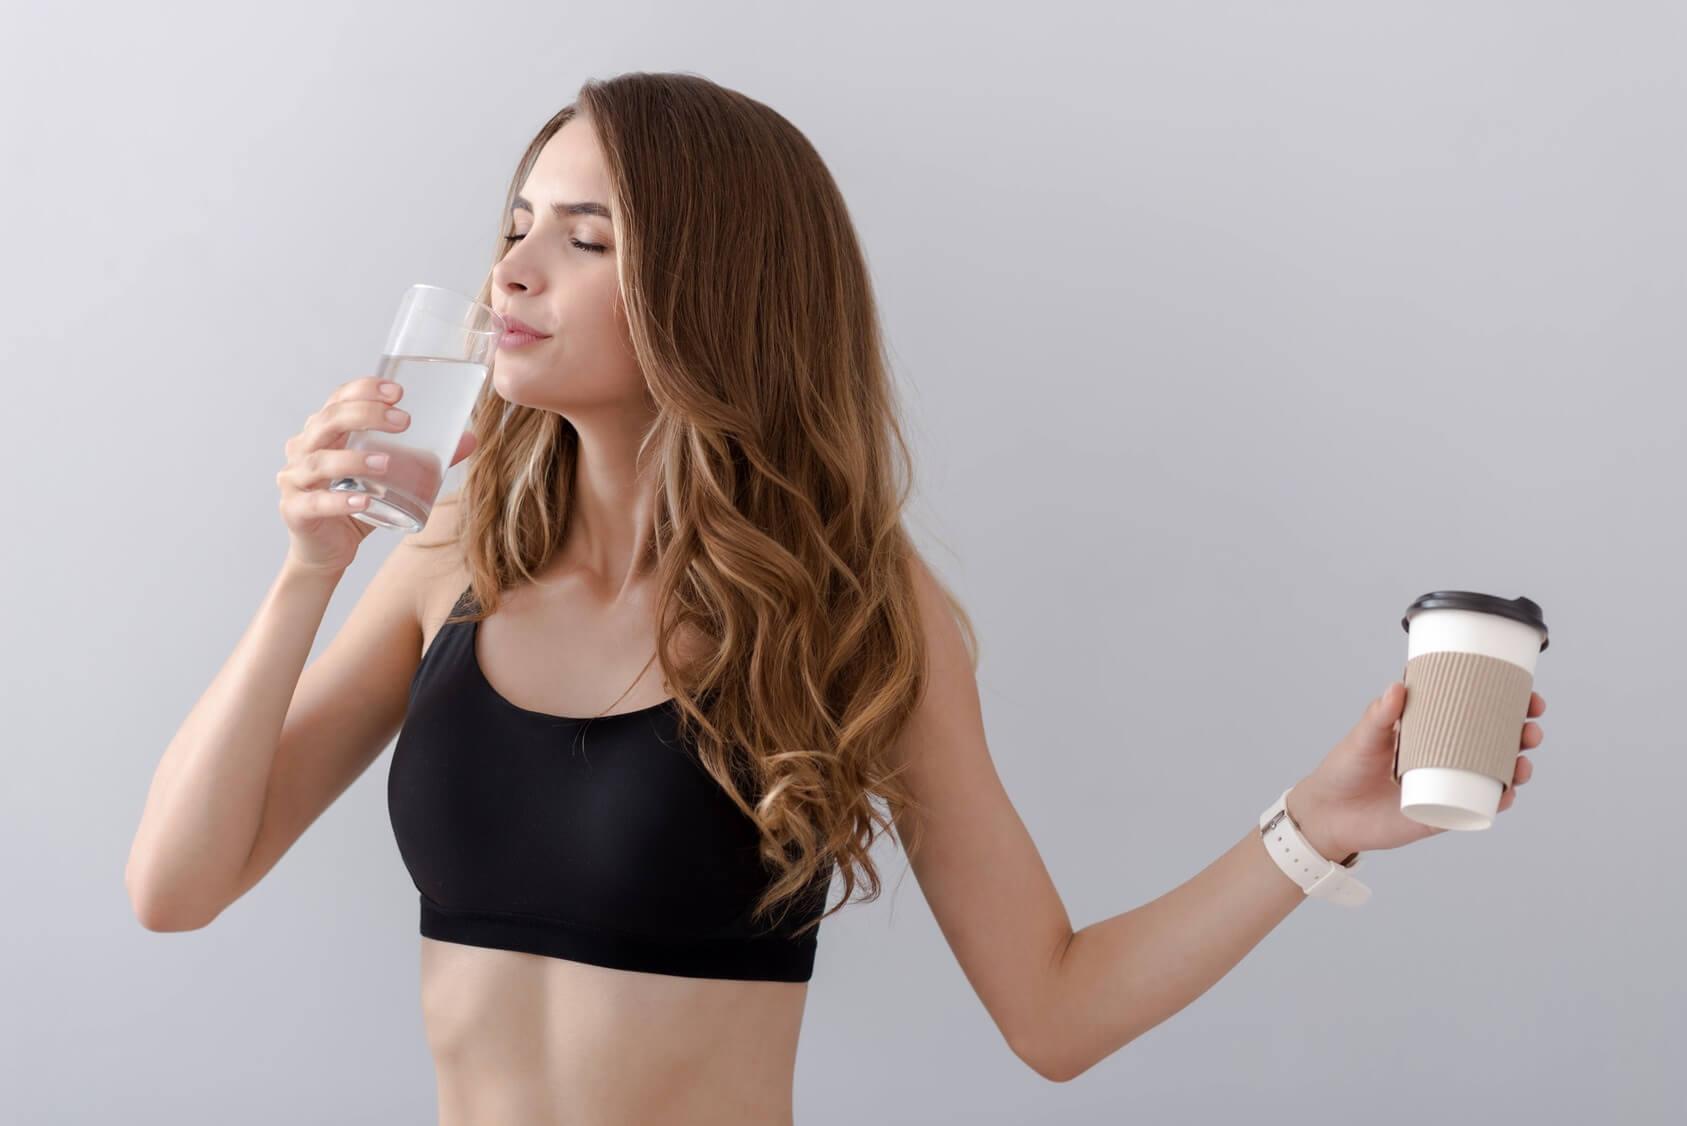 Можно ли пить молоко перед тренировкой